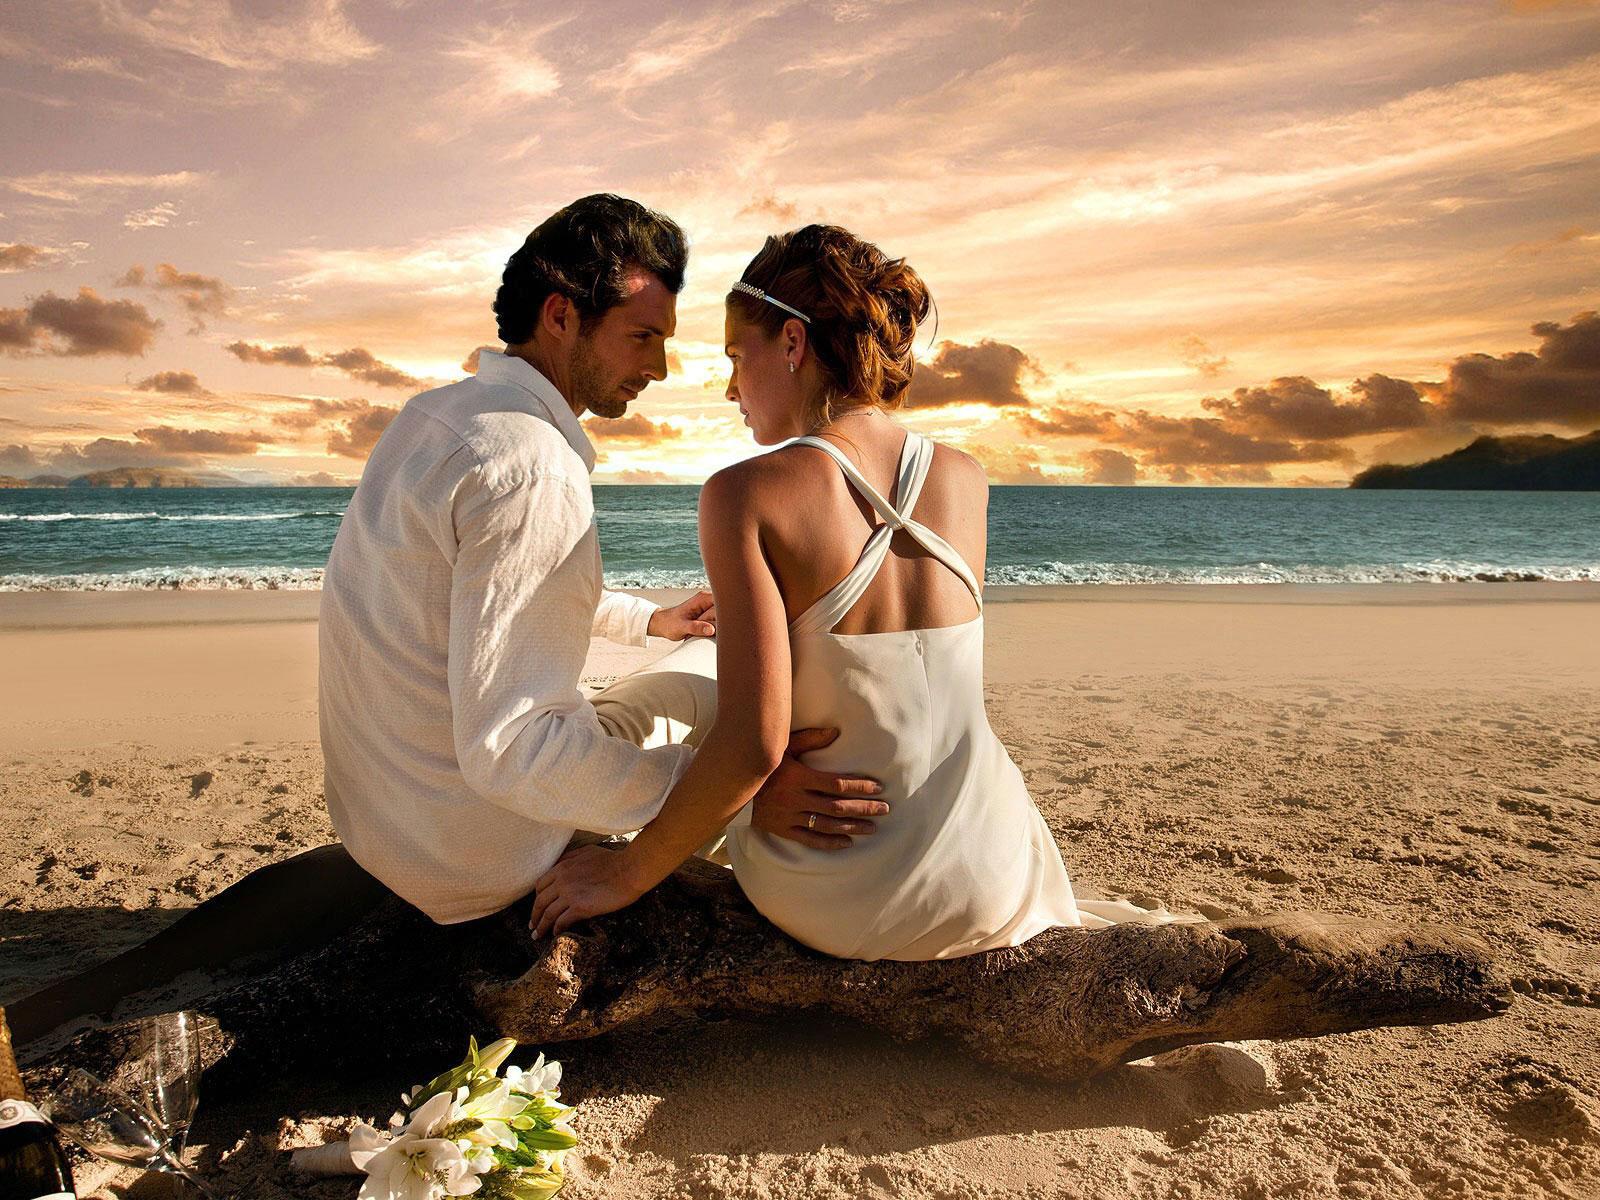 بالصور صور حب رومانسية جديدة , اجمل واحلى صور حب رومانسية جديدة 11786 6